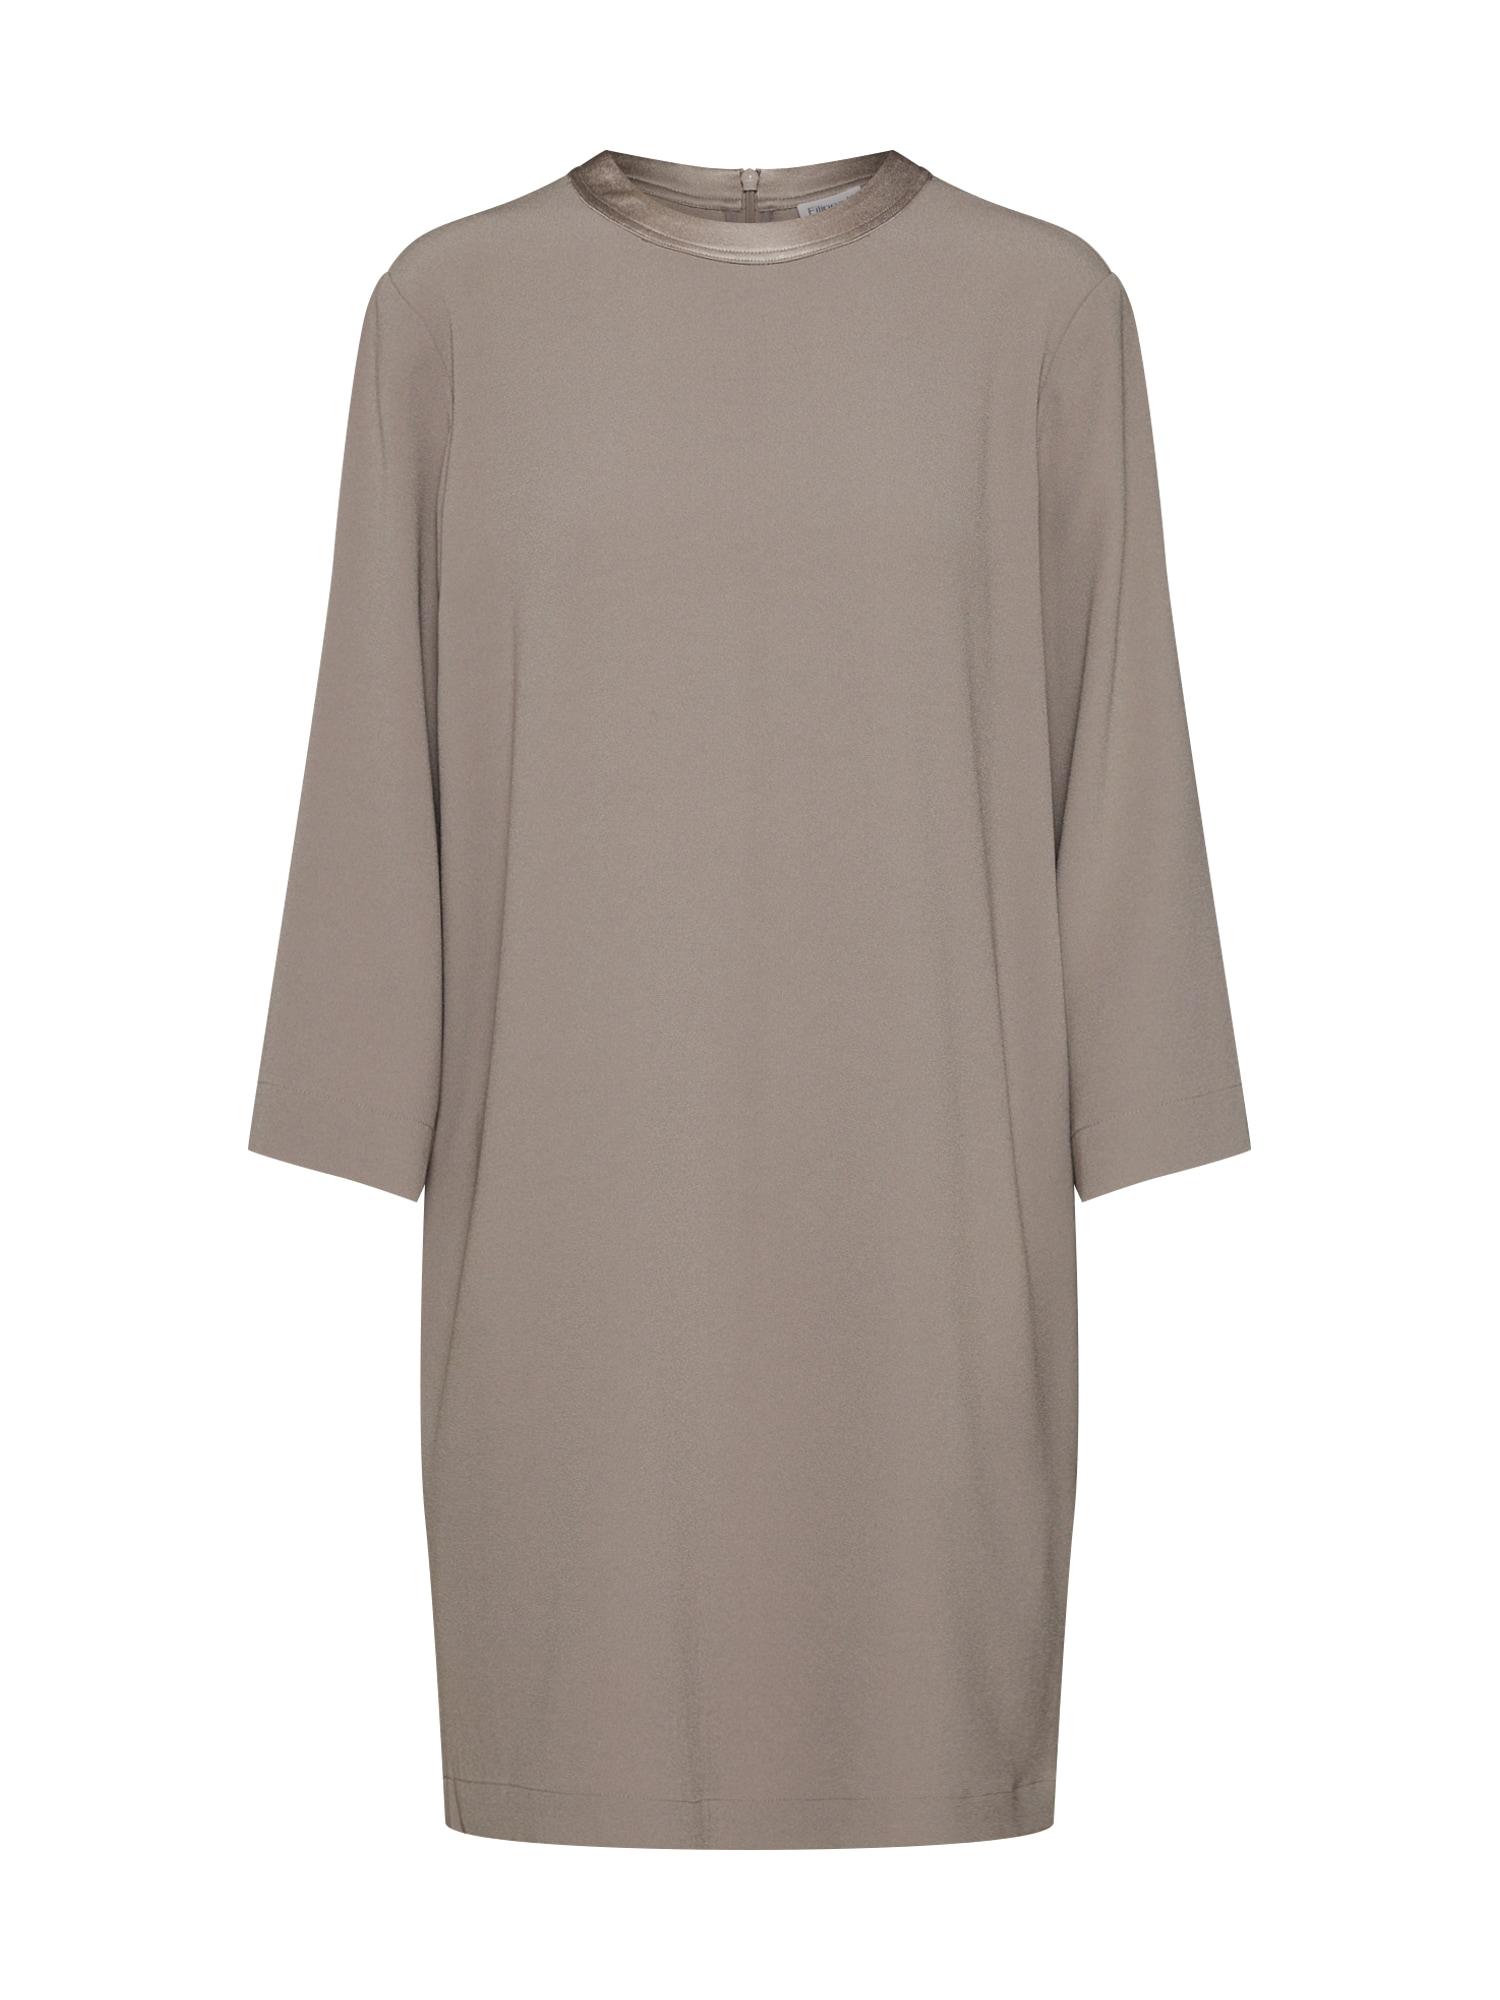 Šaty Satin Crepe Dress tmavě béžová Filippa K